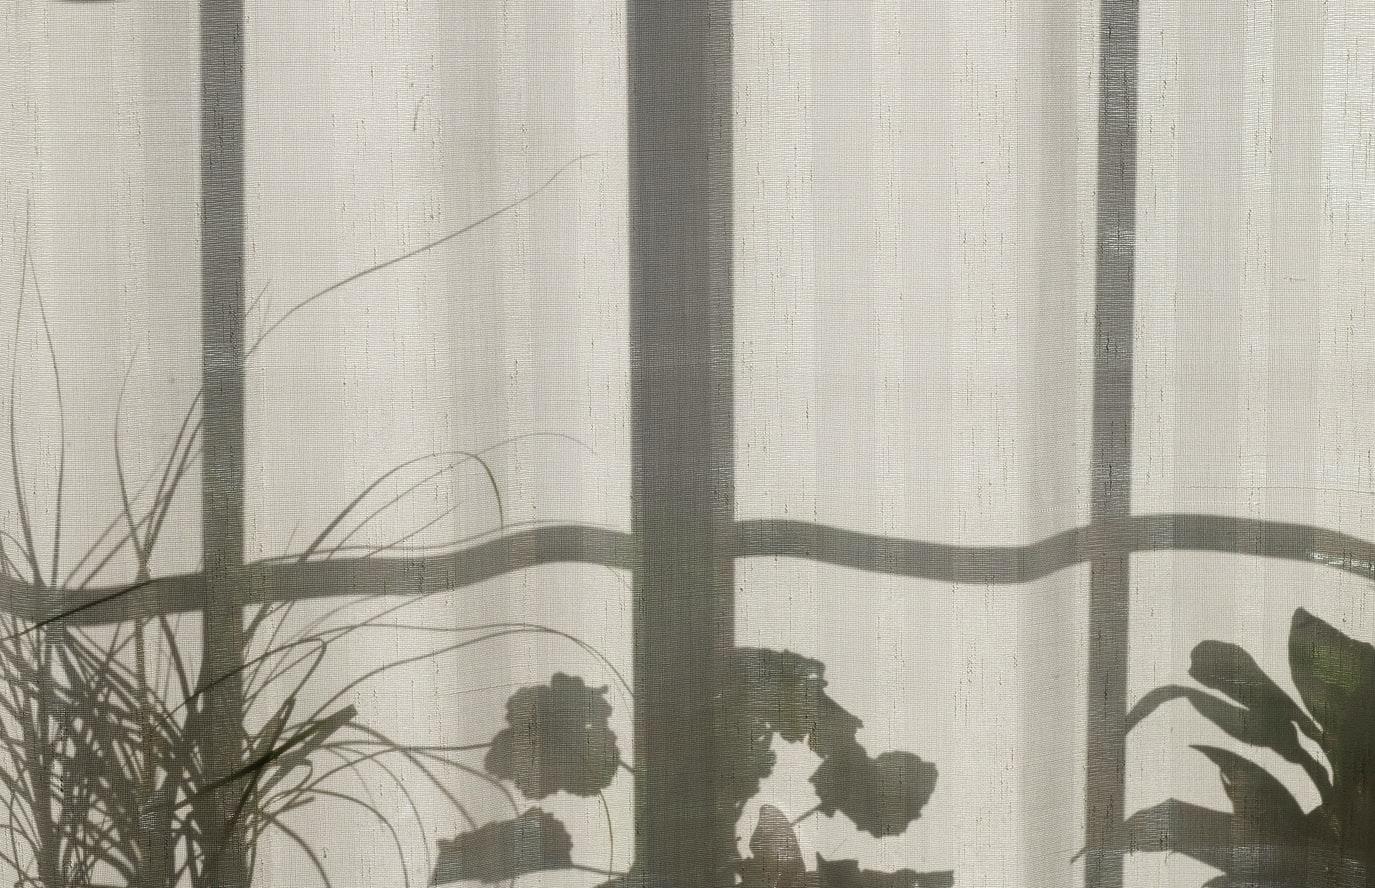 カーテンに映る影